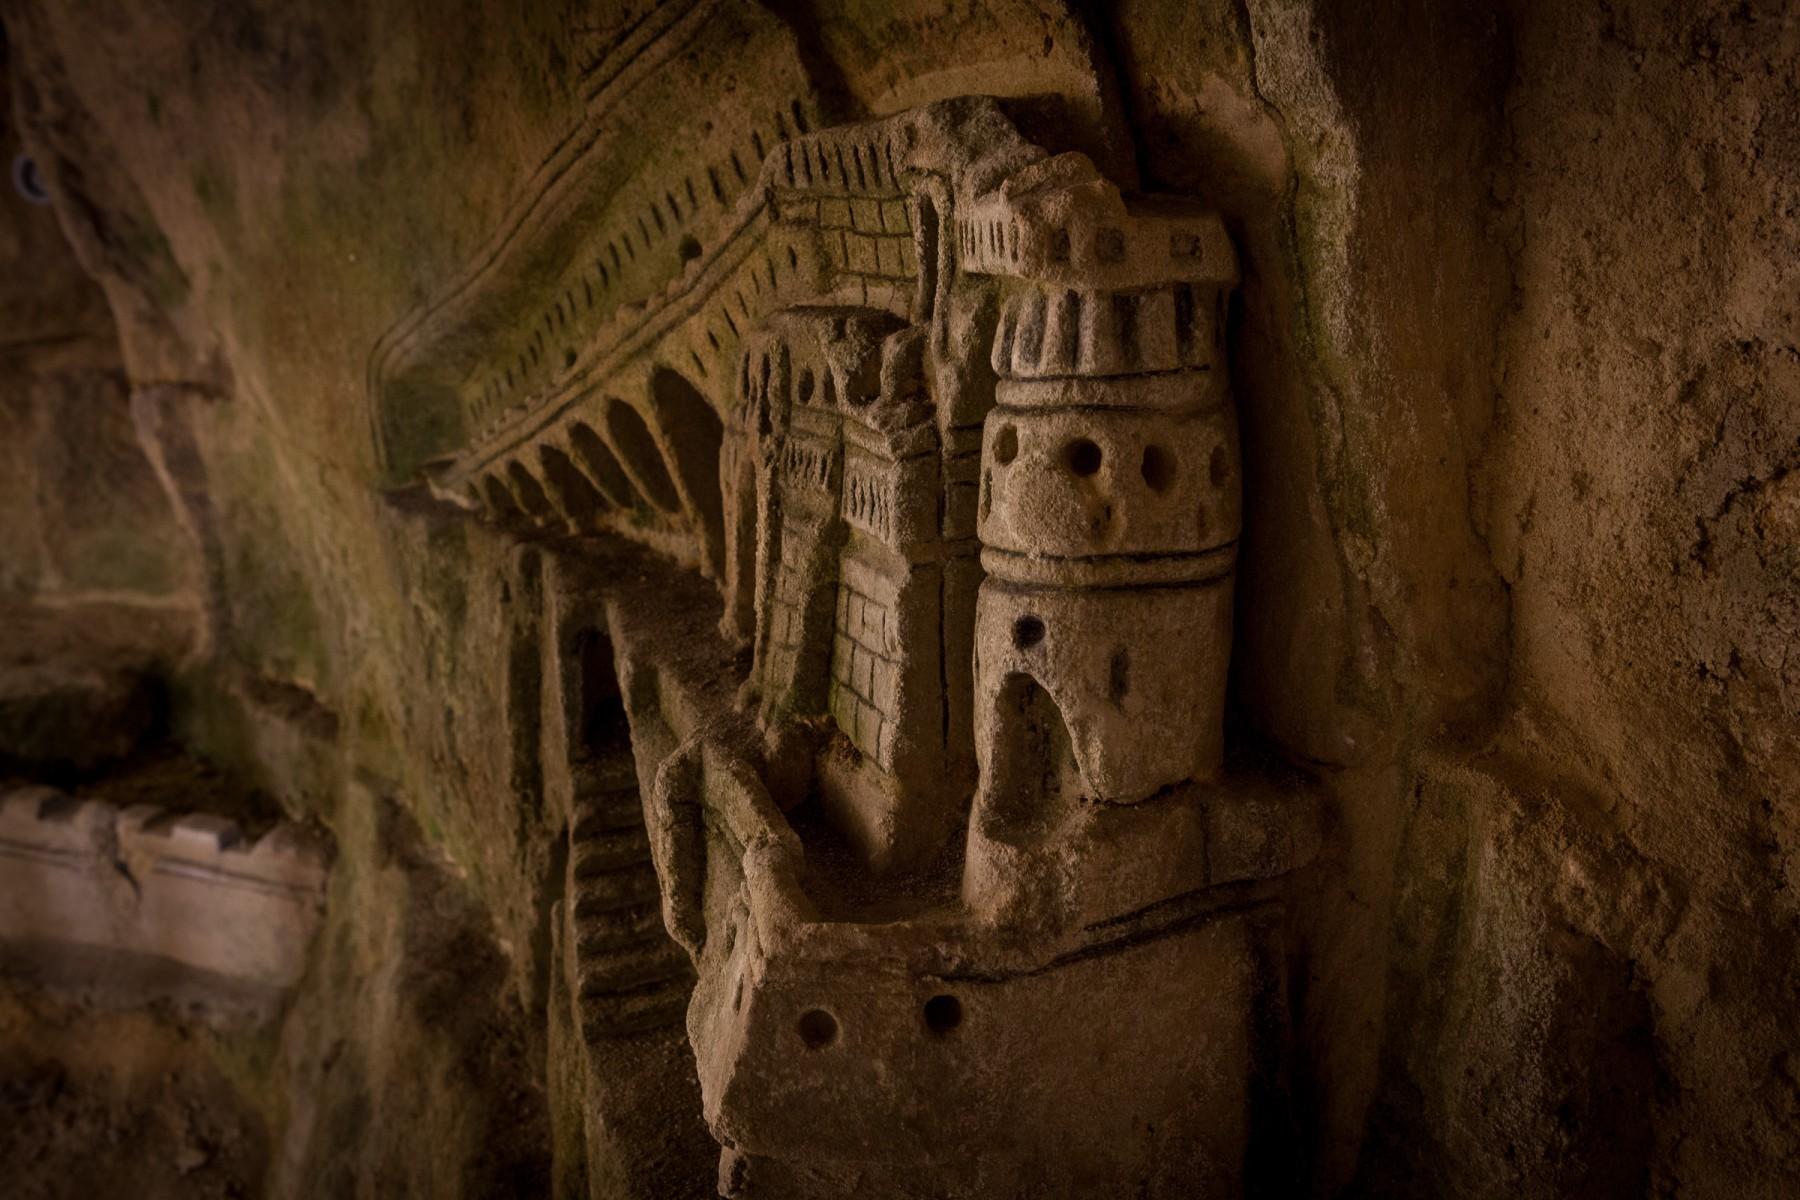 Catacomb sculpture